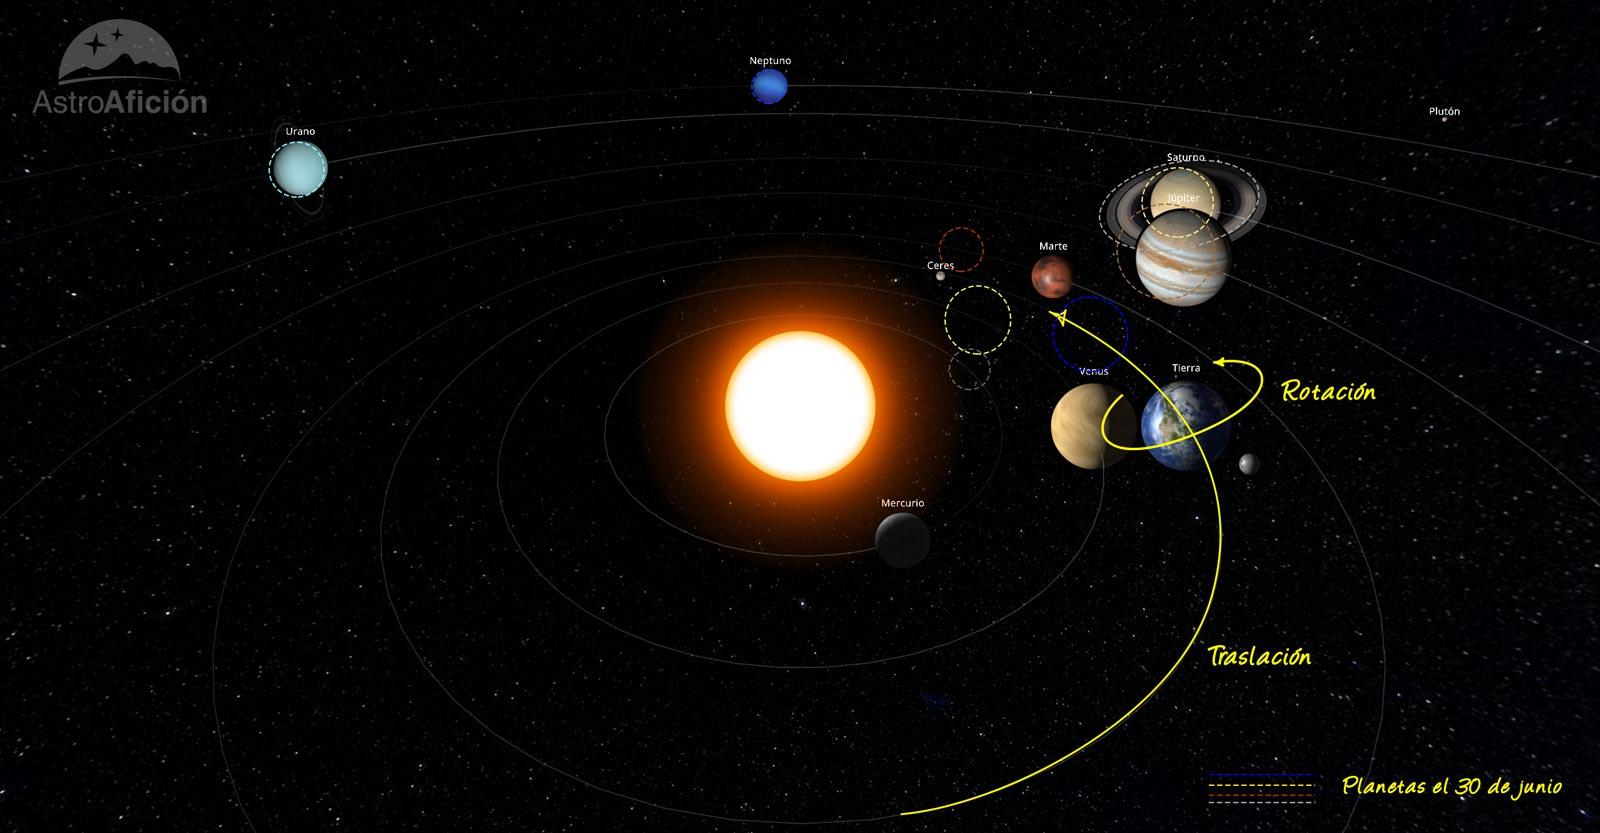 Efemérides astronómicas: Junio de 2020